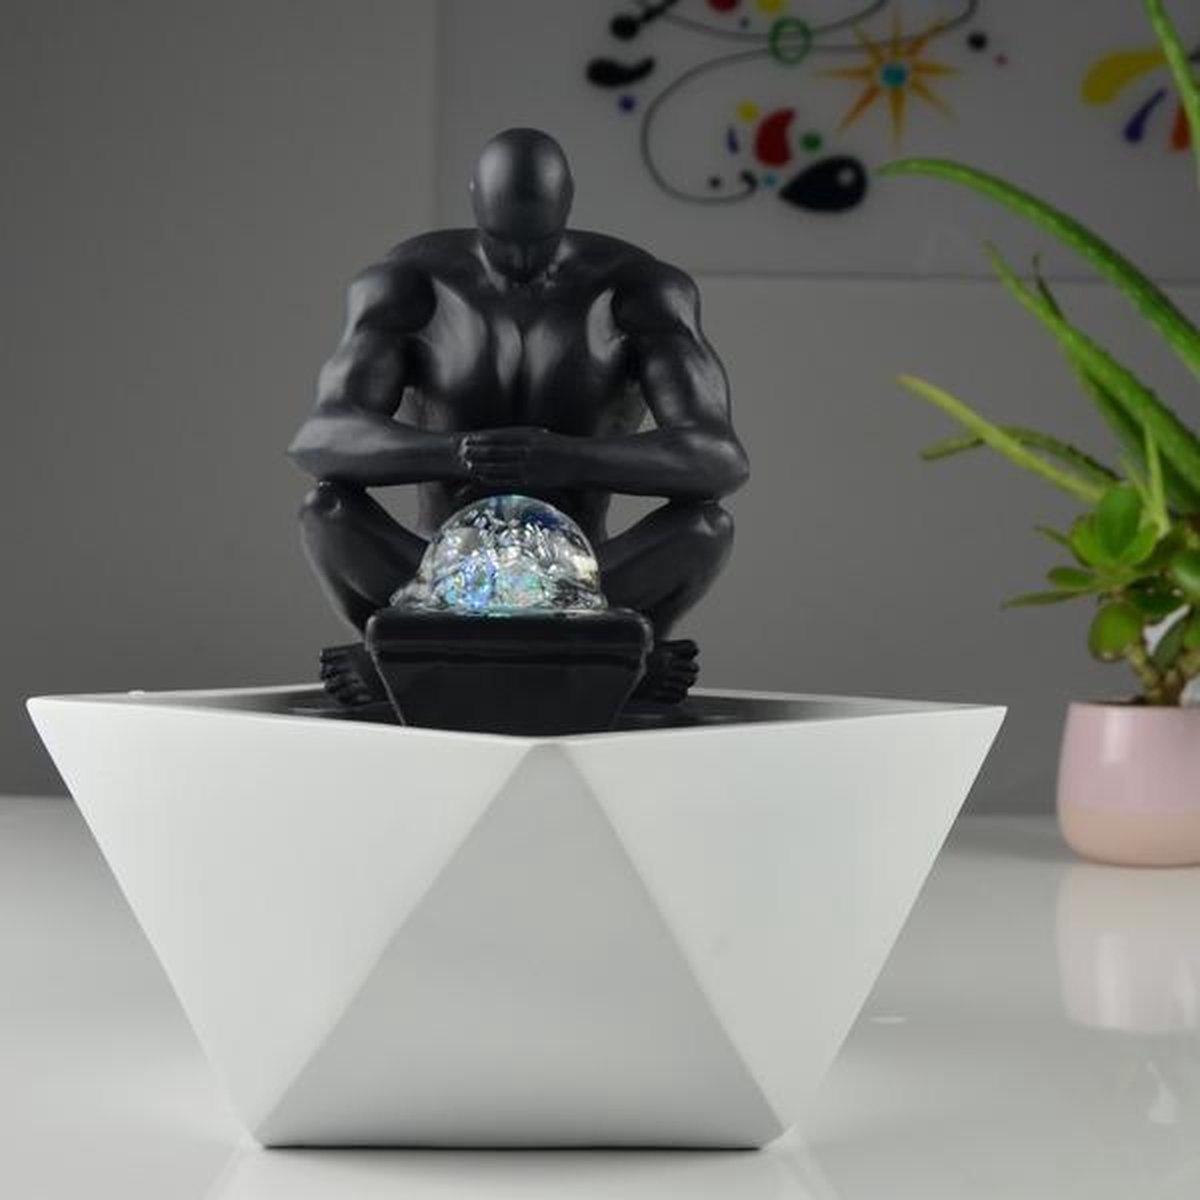 Moderne Mister Relax - fontein - interieur - fontein voor binnen - relaxeer - zen - waterornament - cadeau - geschenk - relatiegeschenk - origineel - lente - zomer - lentecollectie - zomercollectie - afkoeling - koelte